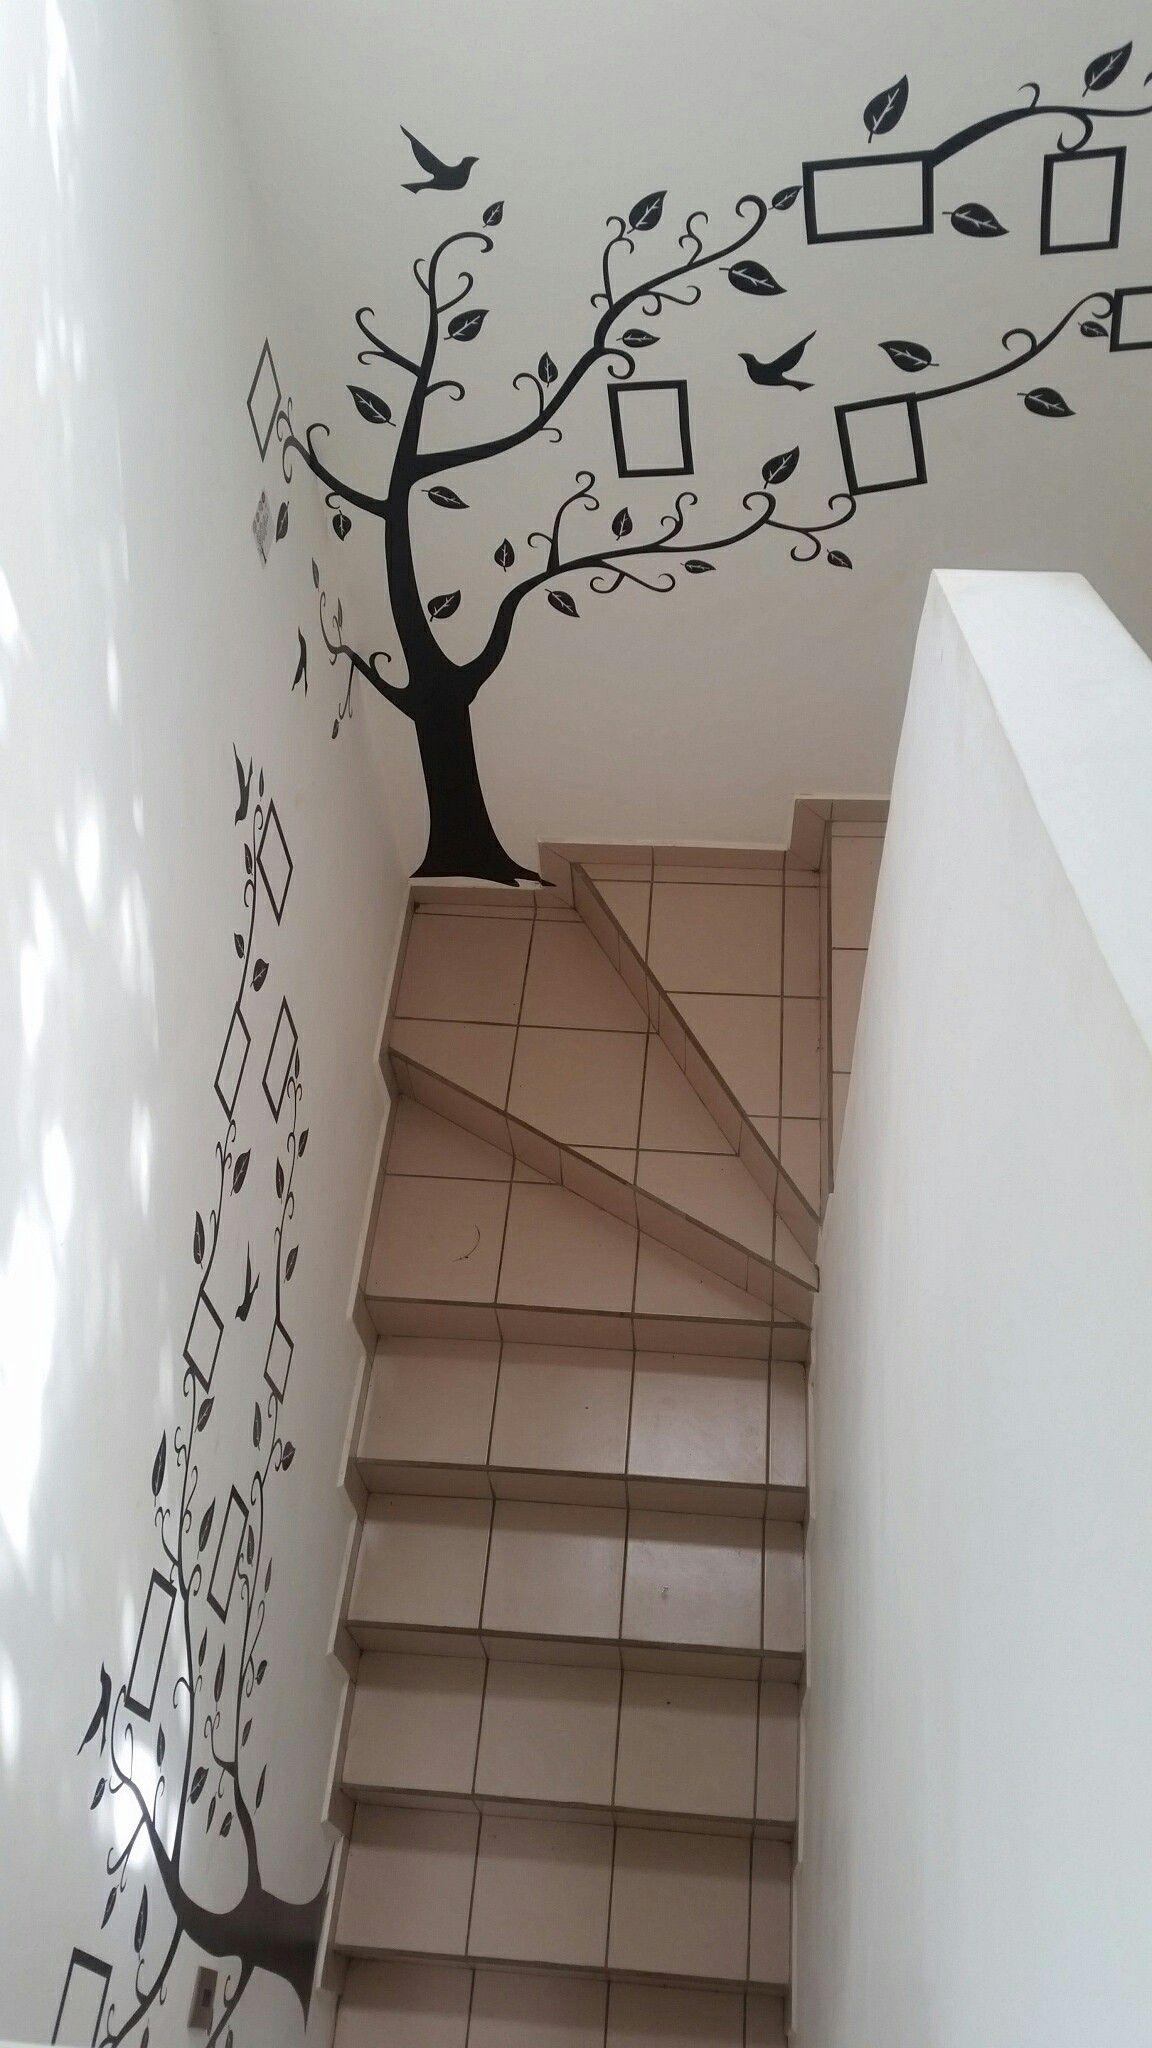 Vinilos adhesivos en la pared de las gradas para a adir